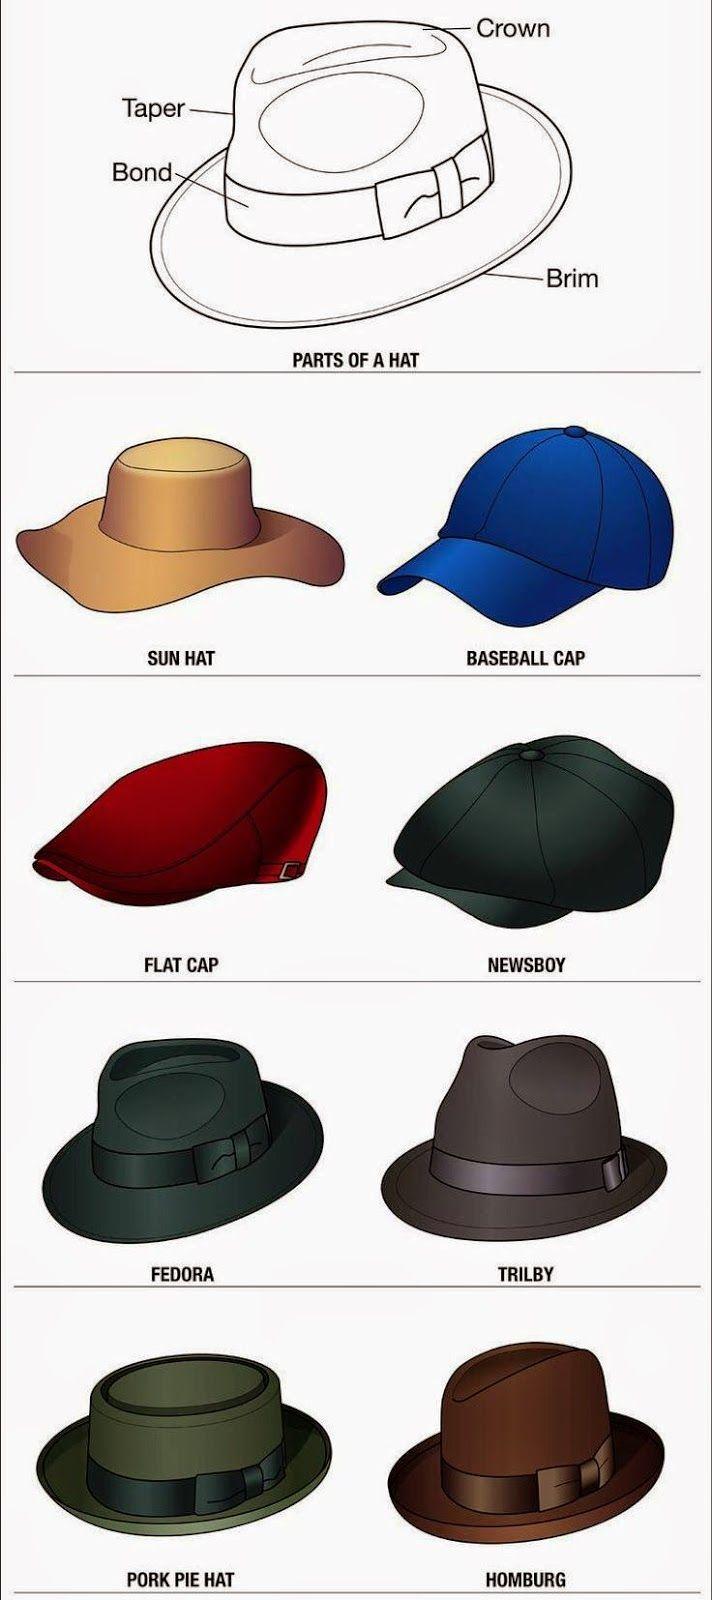 Nama macam-macam Topi Laki-laki   Pria yang populer di dunia ... ea5f3d2a3d